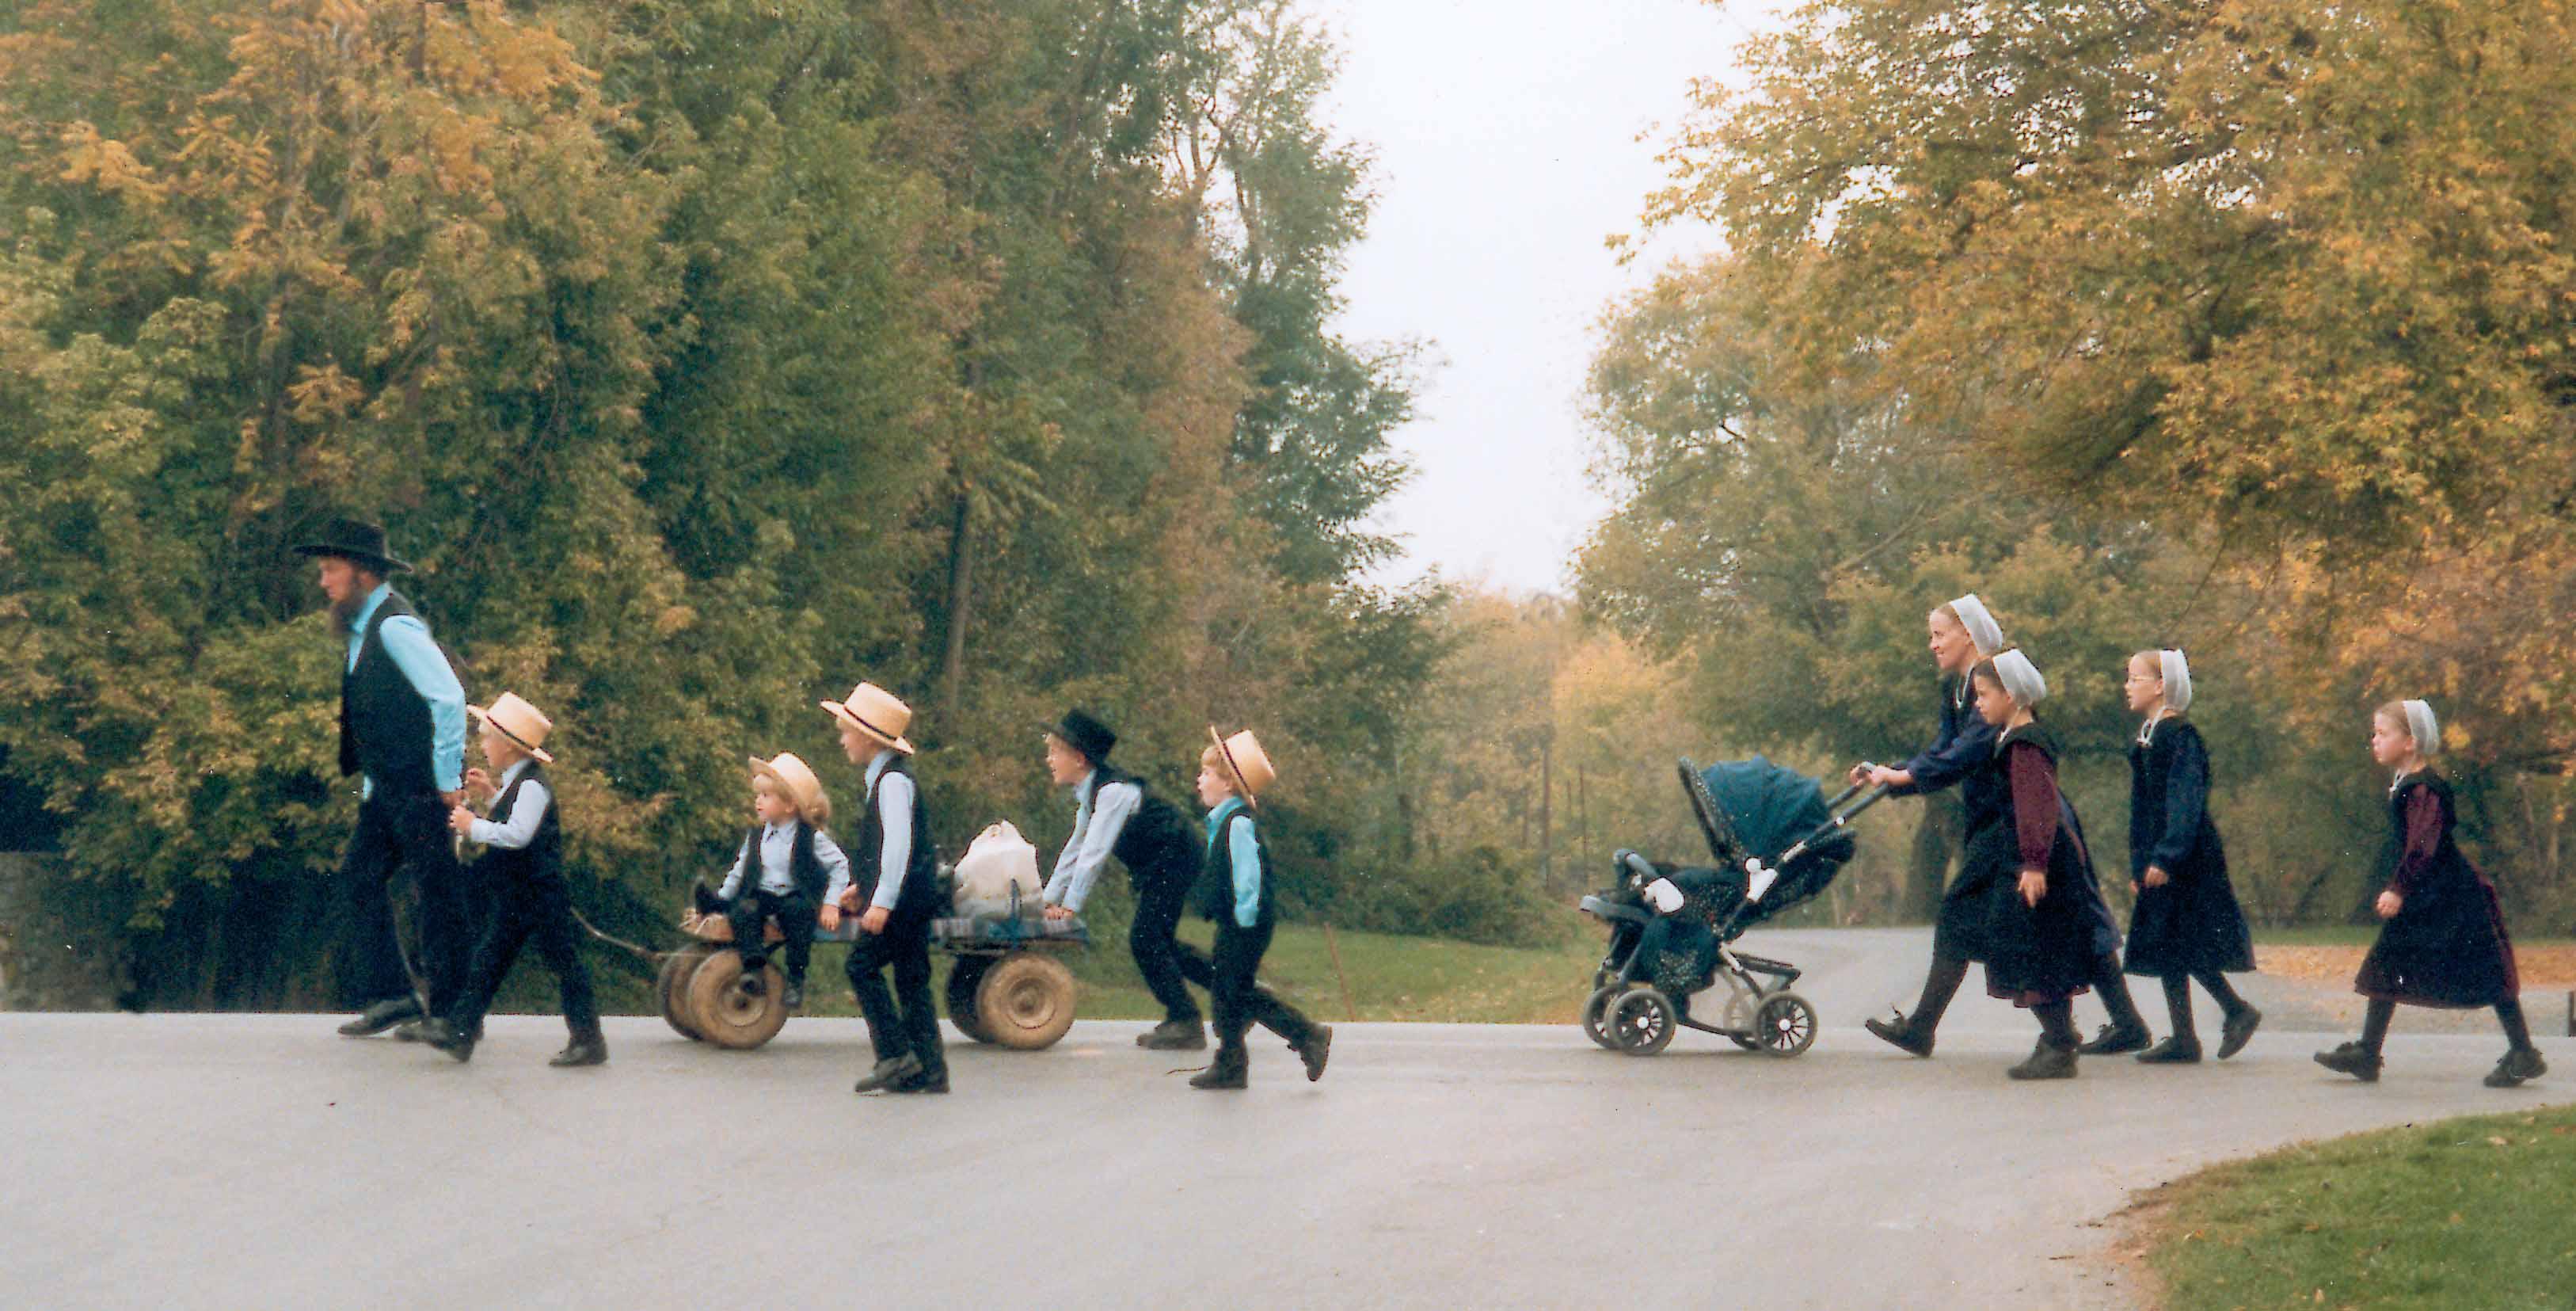 Do Amish pay taxes?